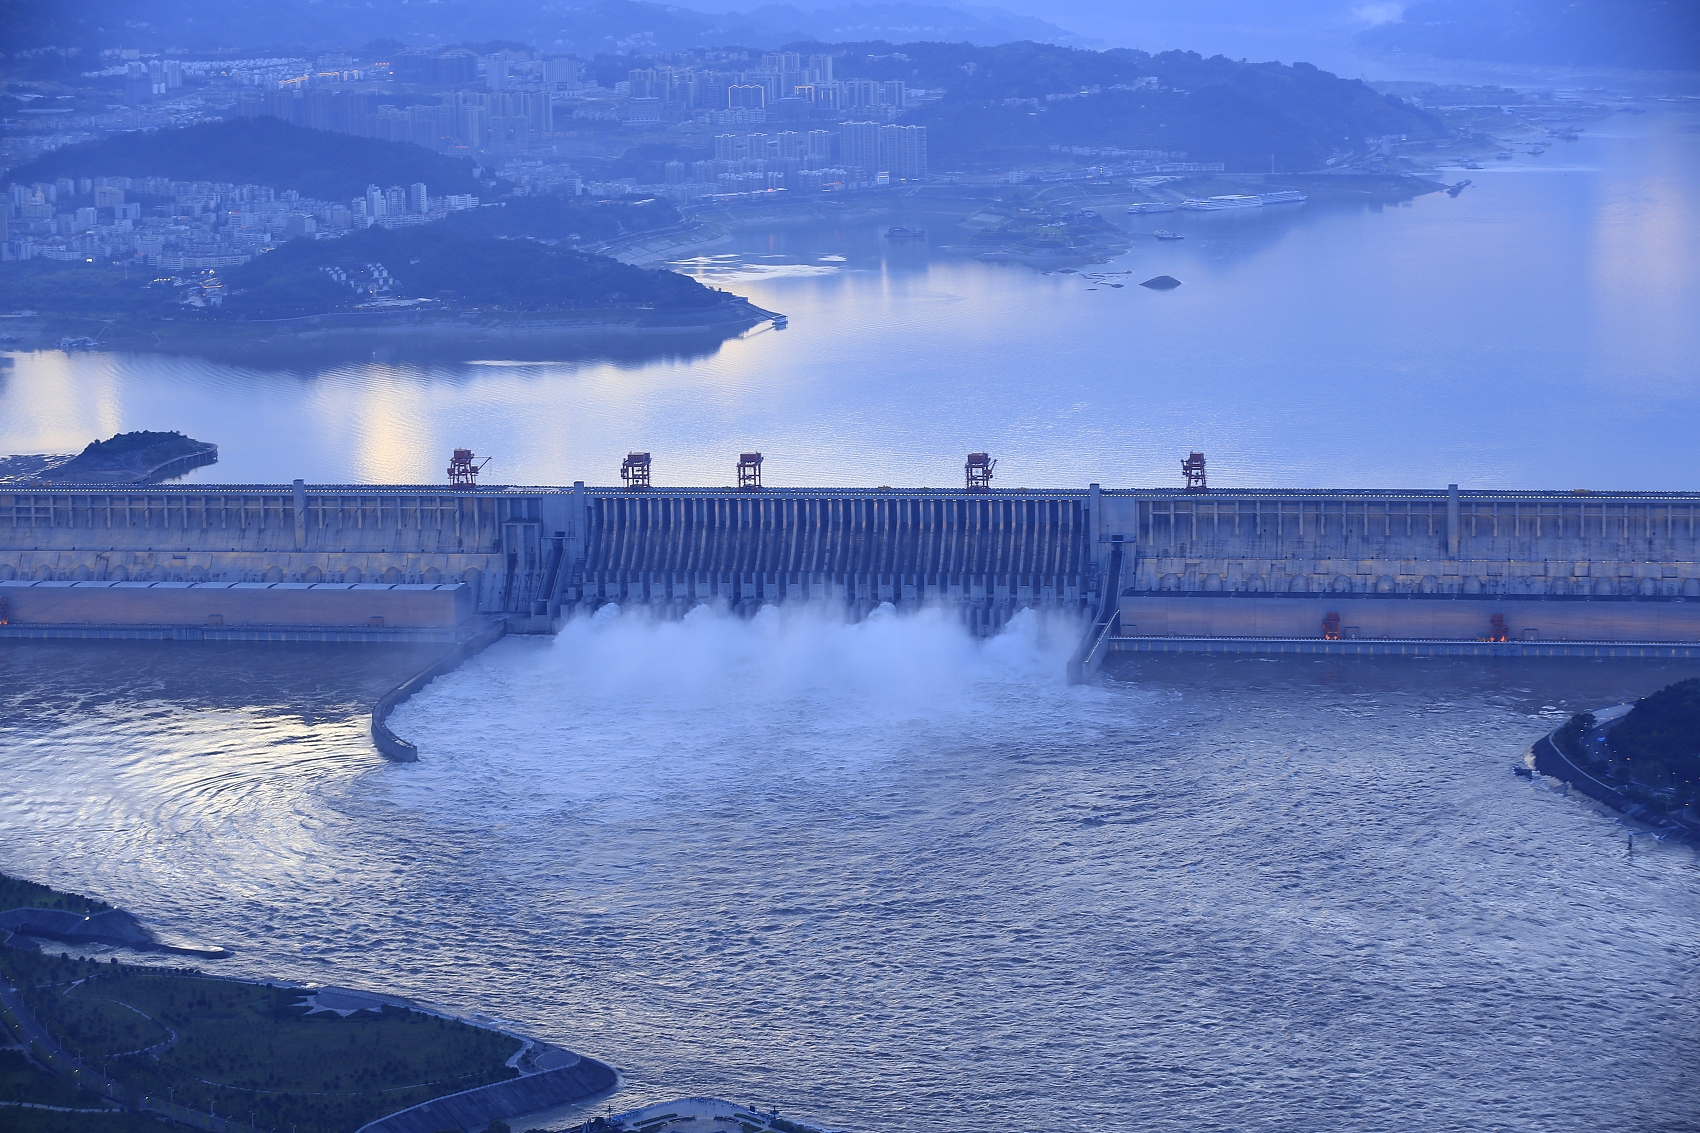 Yangtze water level in Chongqing reaches record high